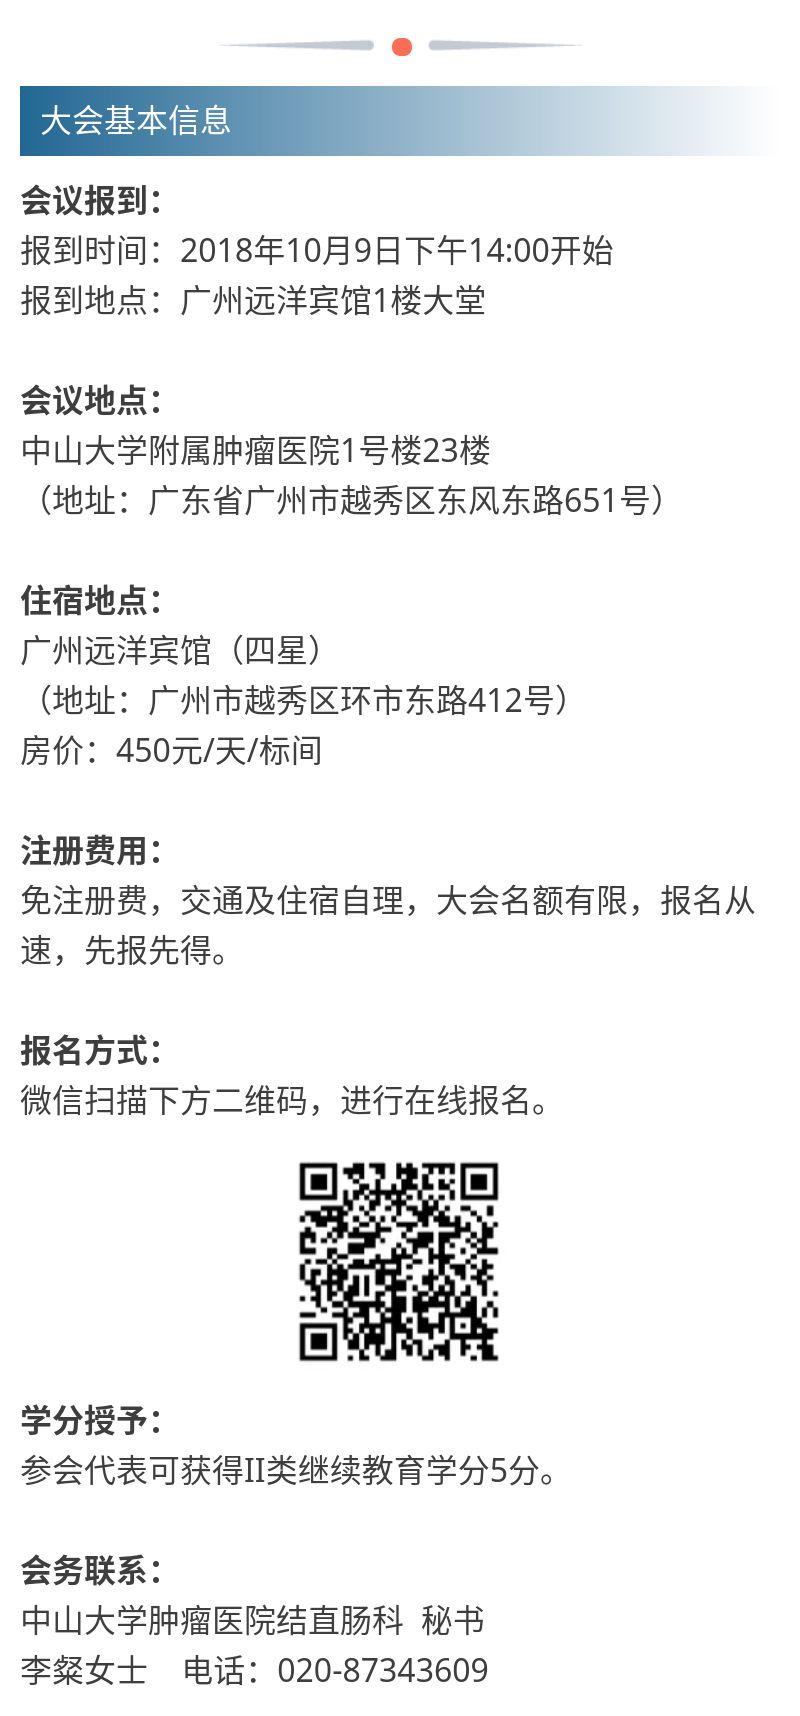 xiumi_1538977900165_28789219.jpg